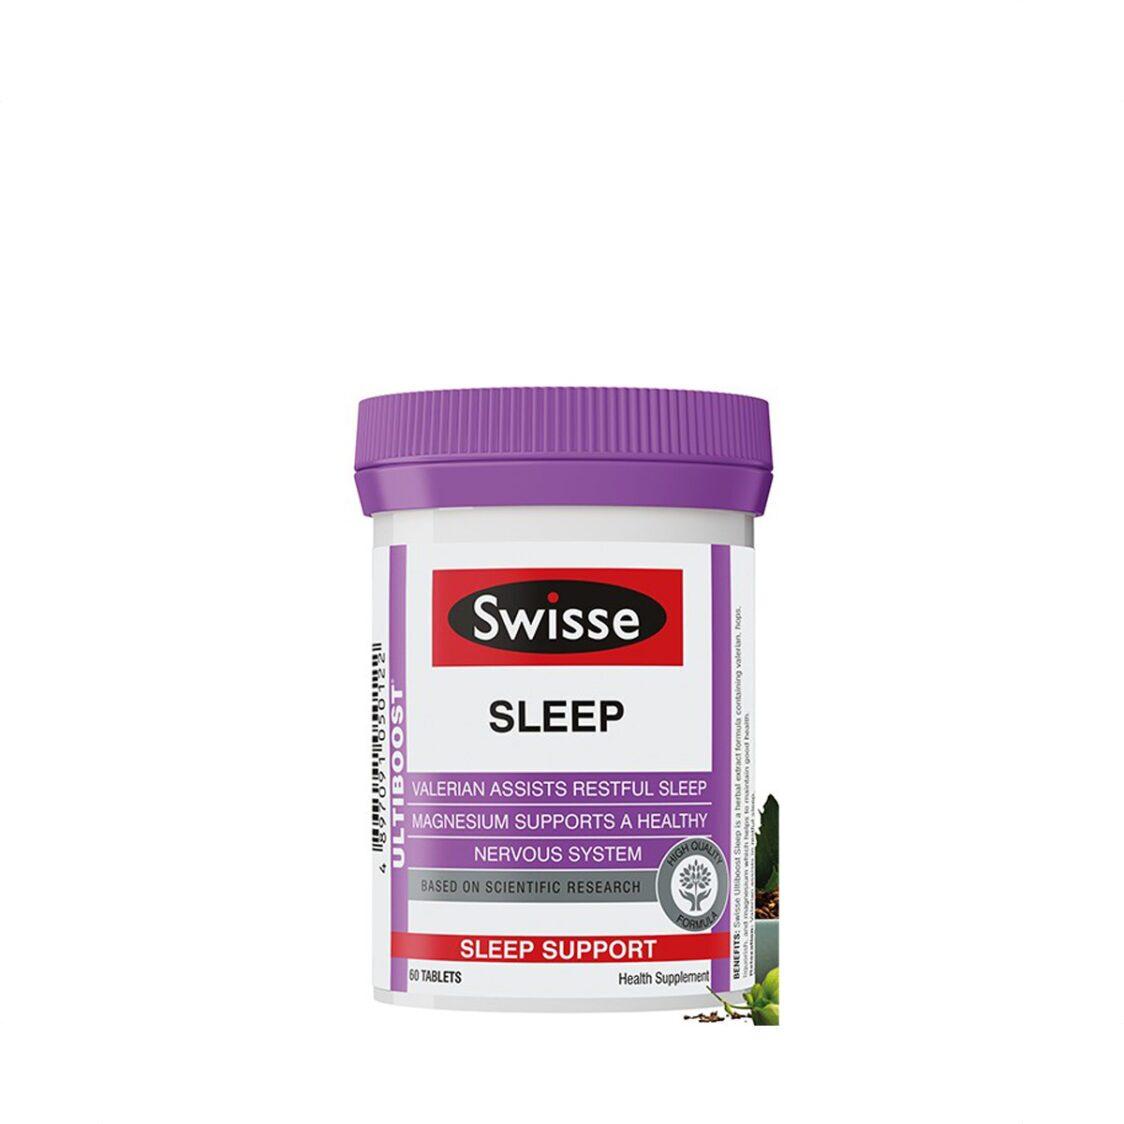 Swisse Ultiboost Sleep 60s